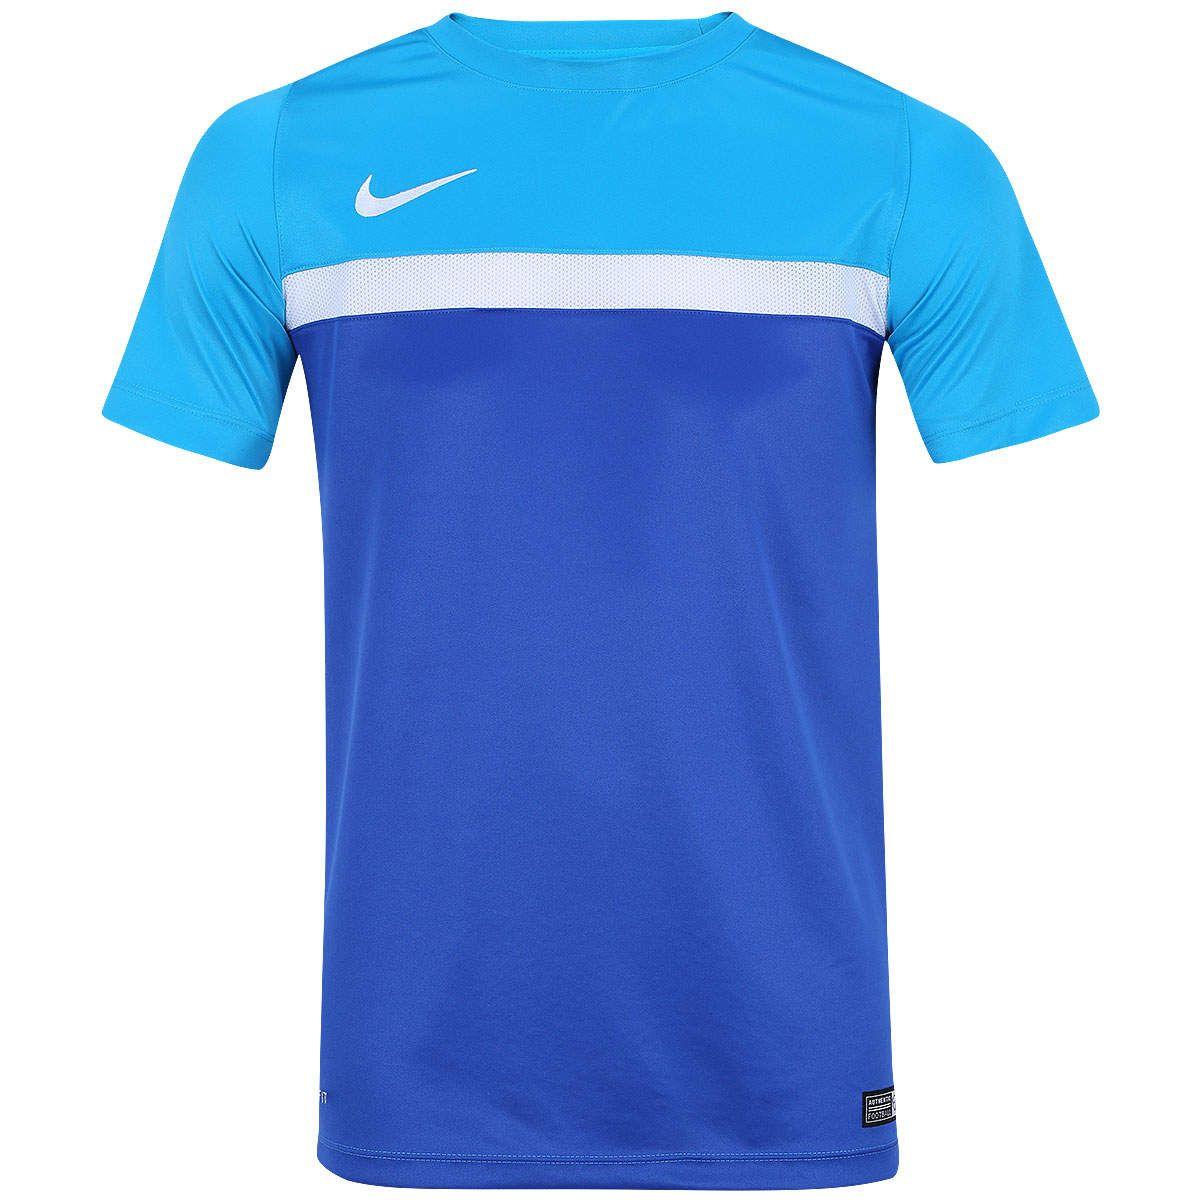 c75b969844 A Camisa Nike Academy Training Camiseta Masculina Manga Curta Sport Fitness  é uma ótima escolha para